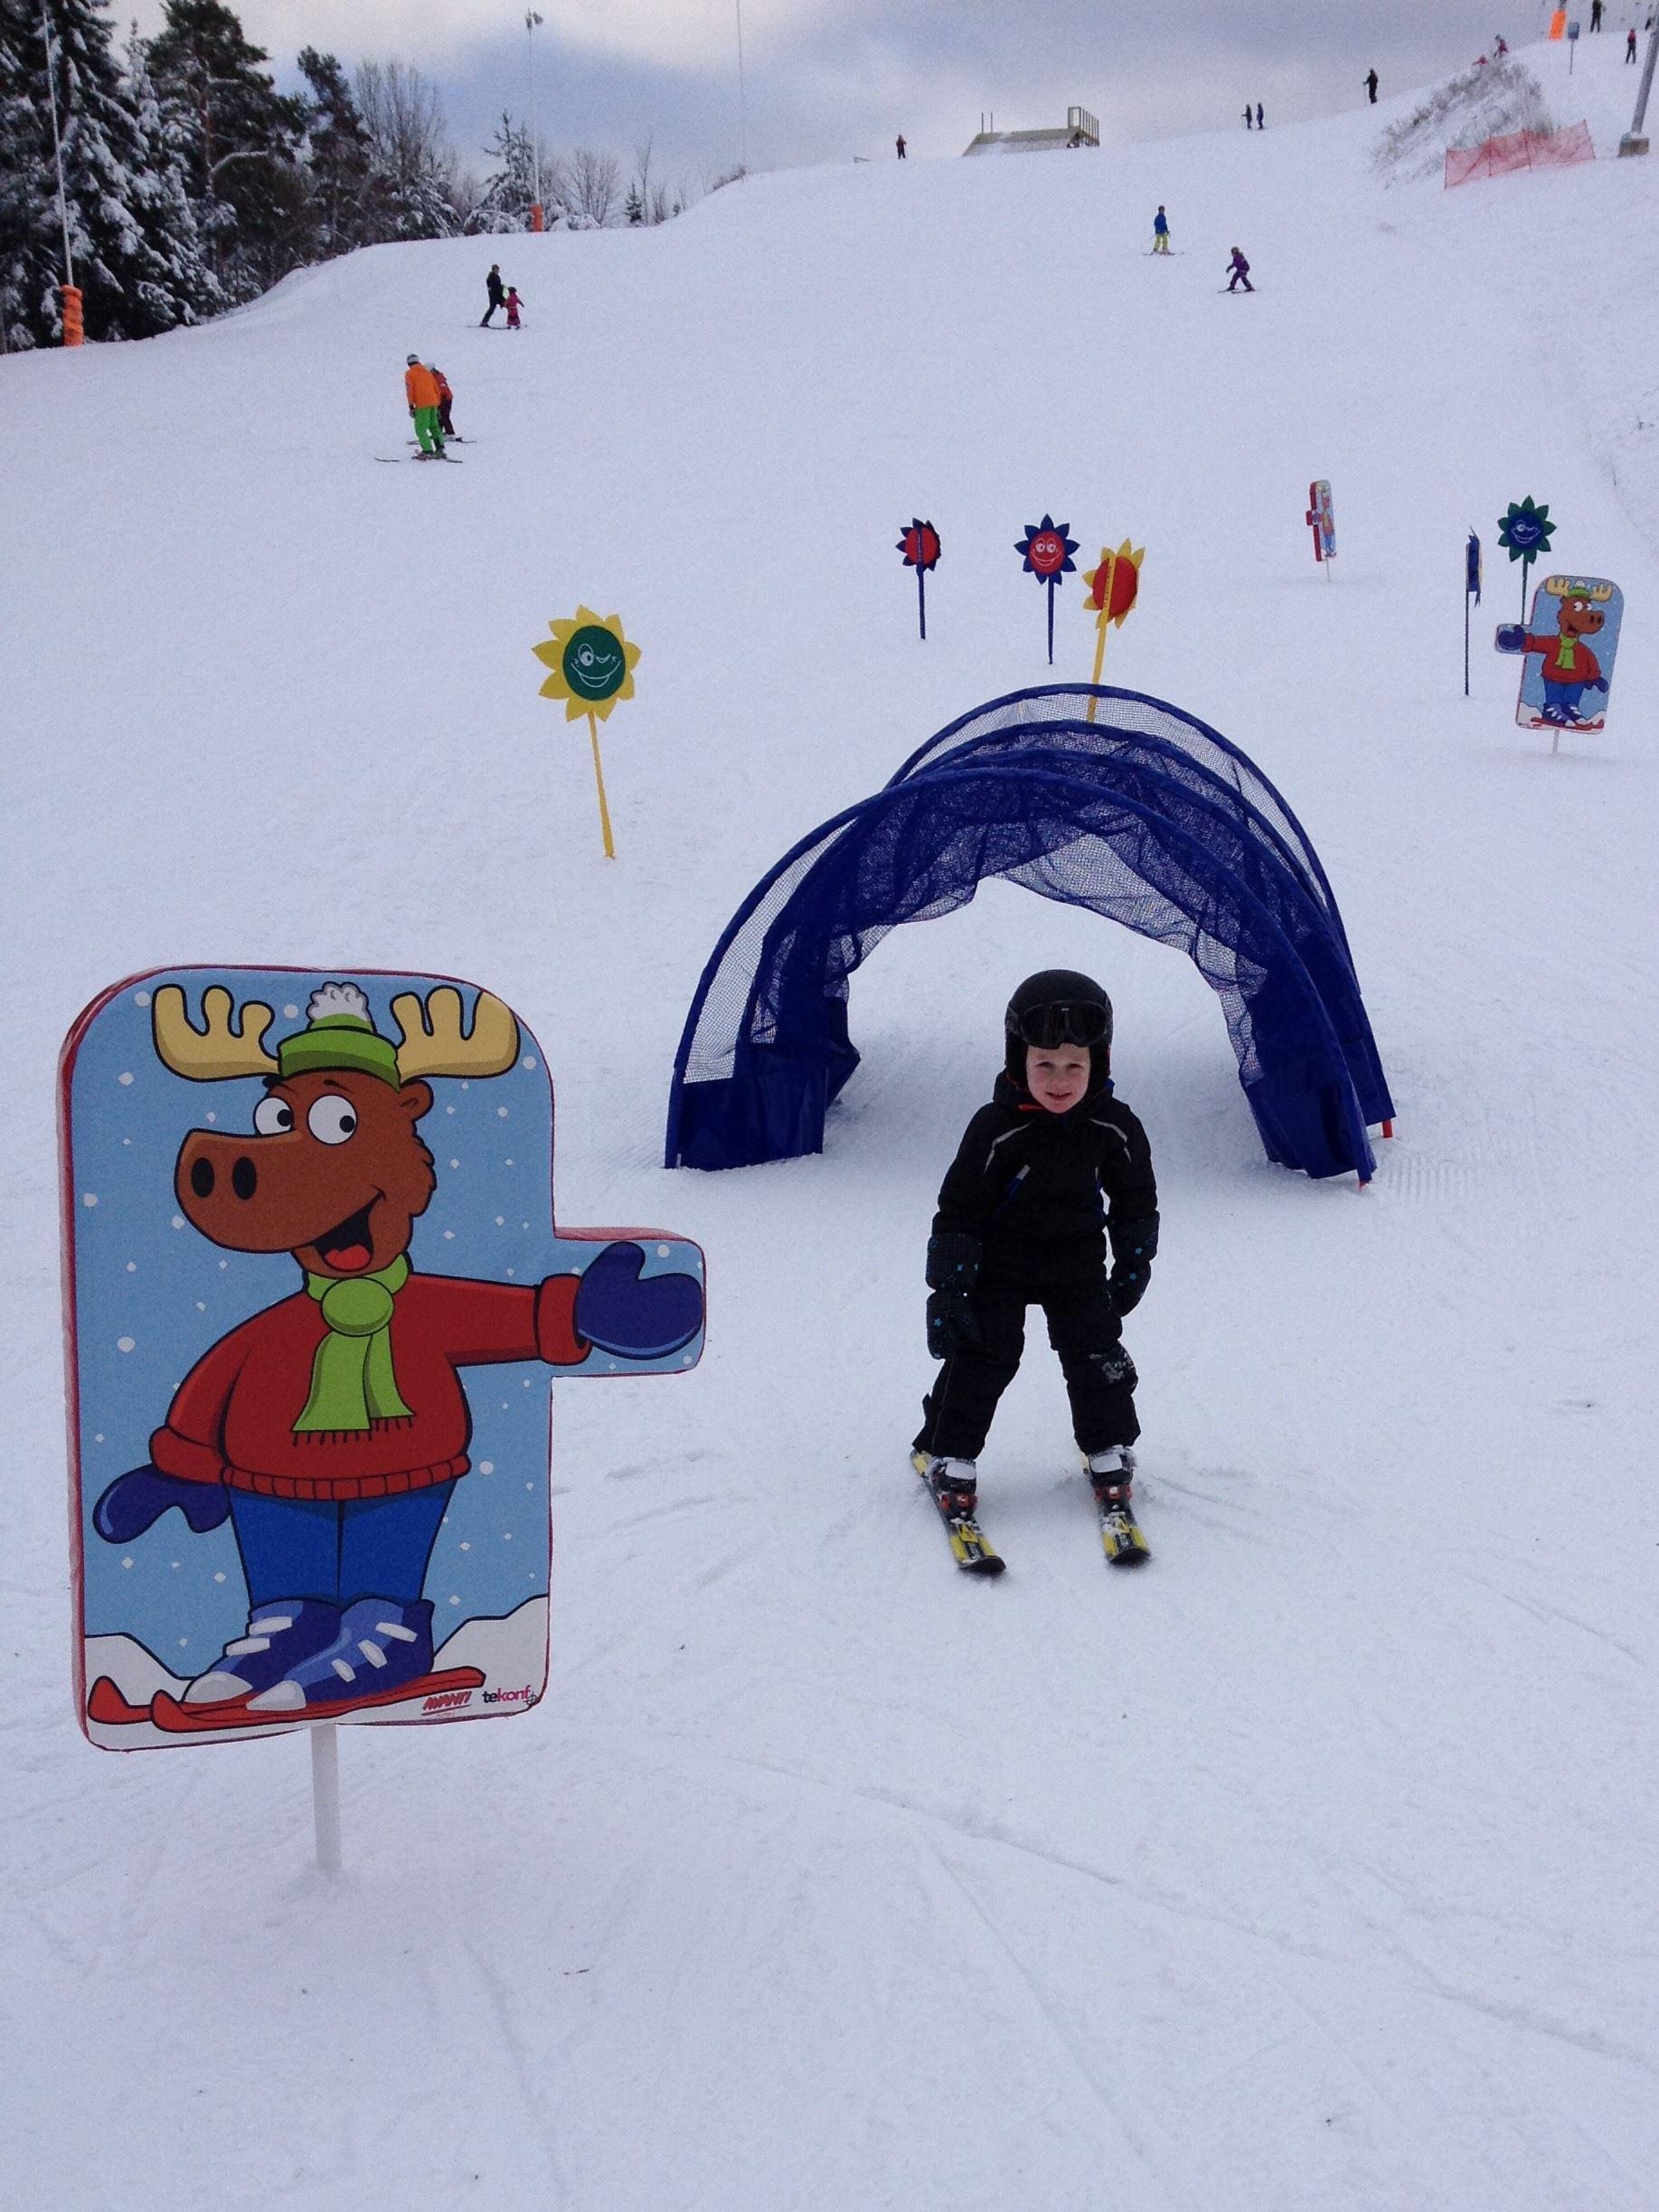 Charlotte Holmsten, Hemlingbybacken & Snowpark